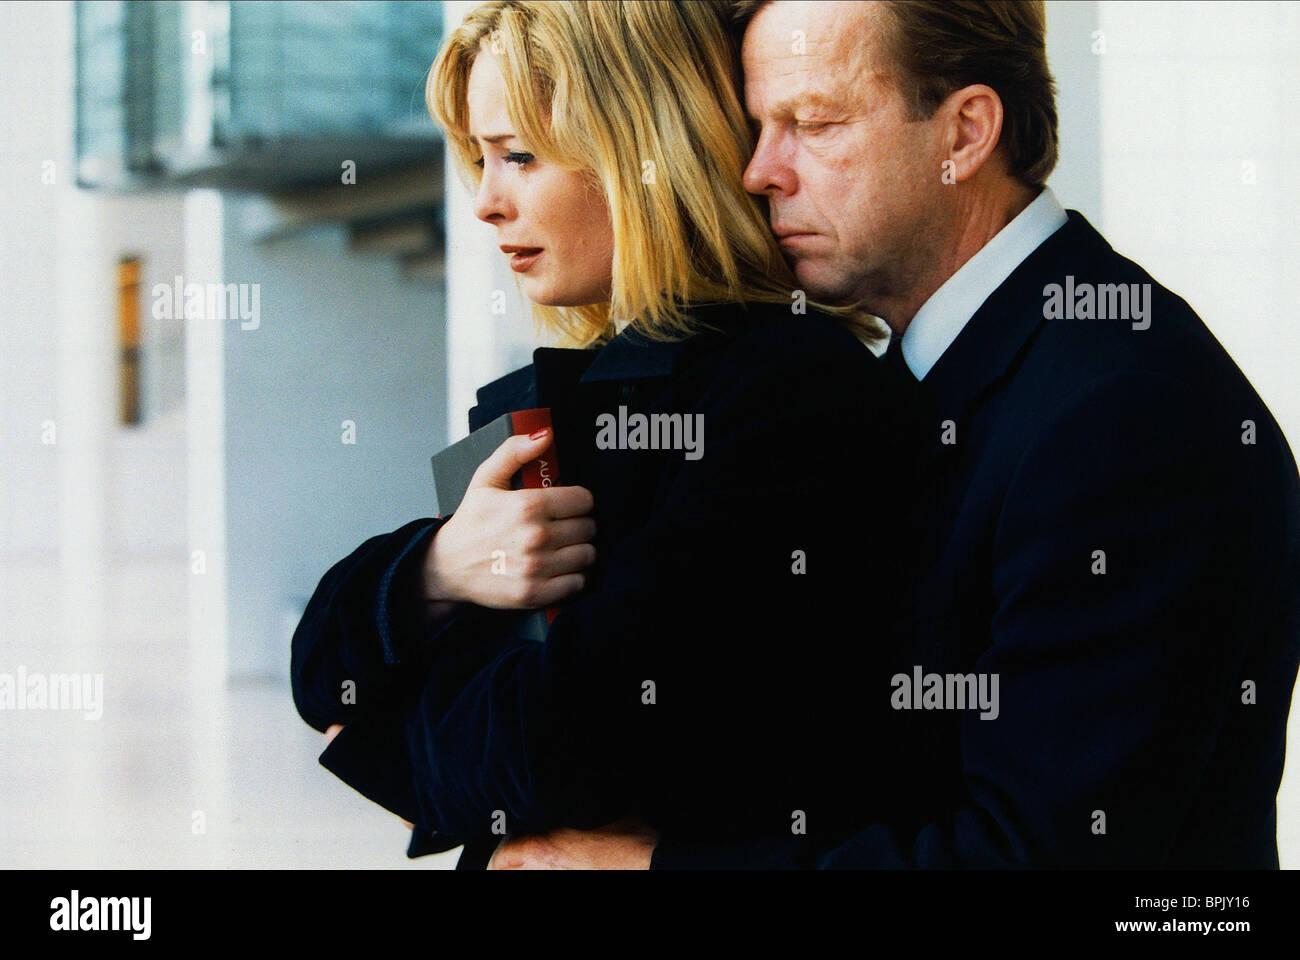 MARIA BONNEVIE & KRISTER HENRIKSSON REKONSTRUKTION (2003) Stockbild